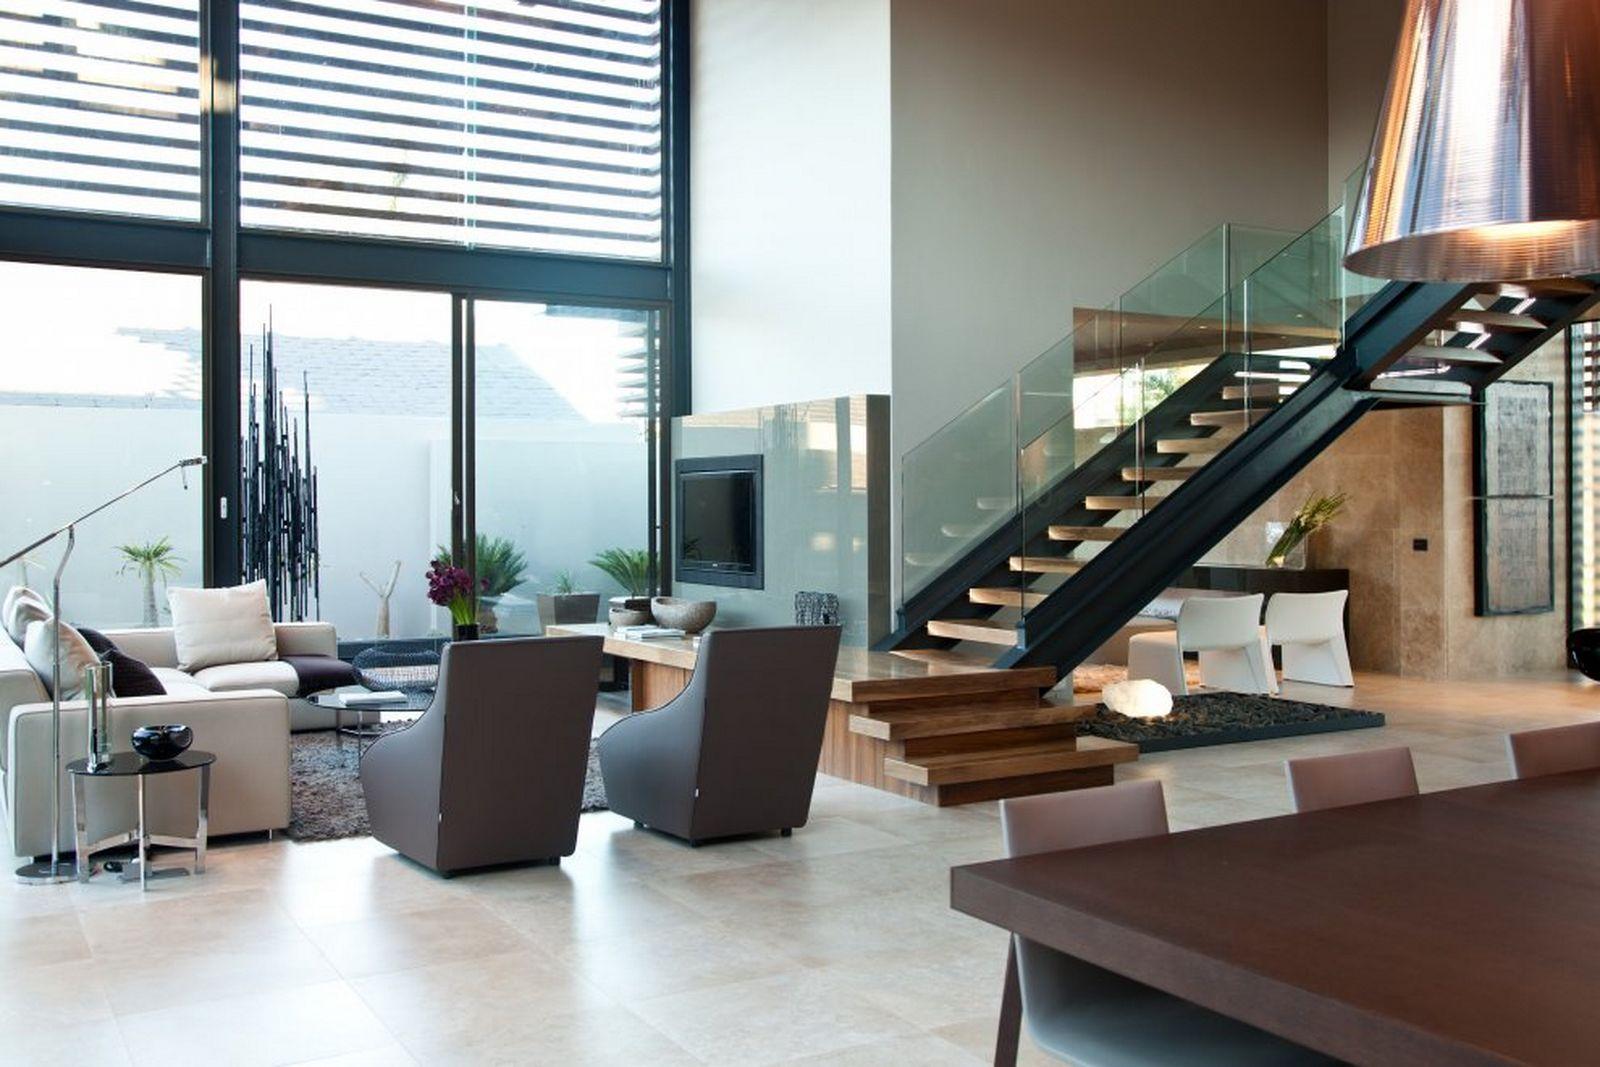 Modern Tropical Home Ideas Interior Stair